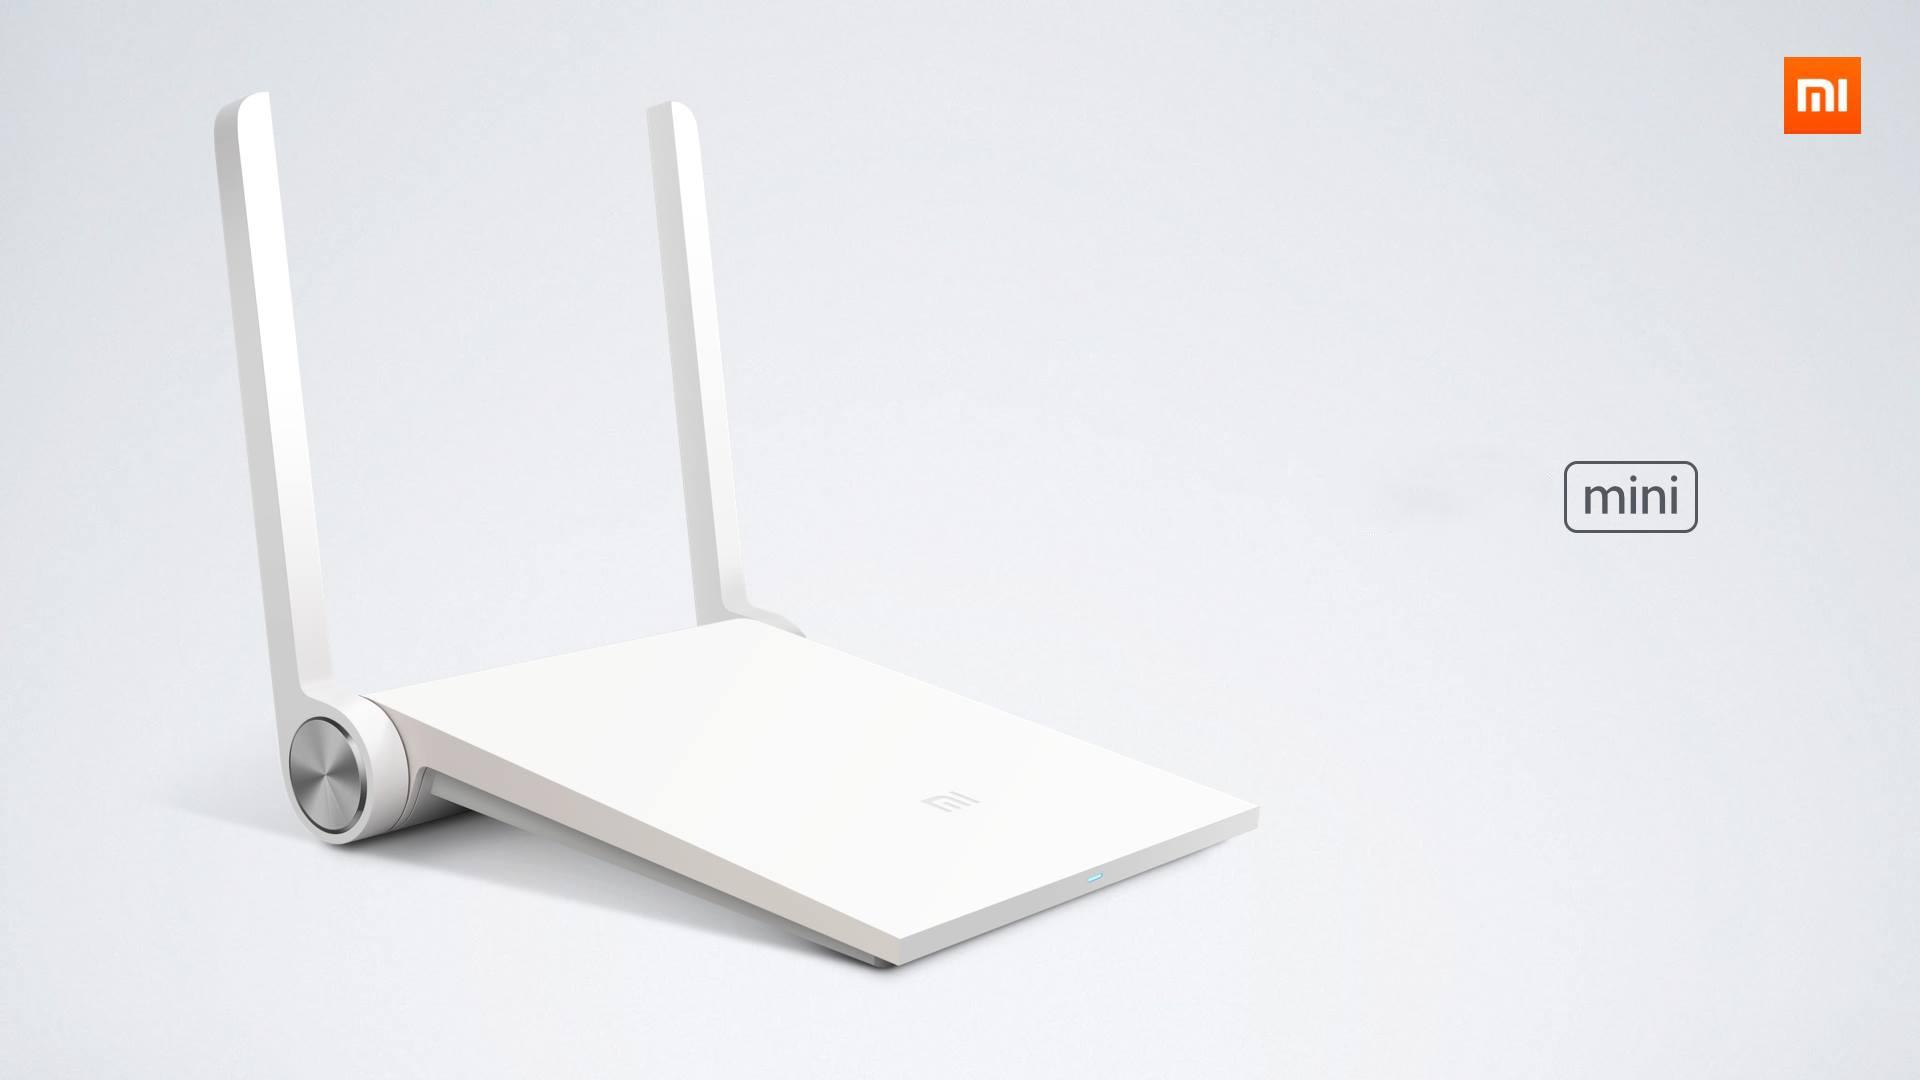 mi-router-mini